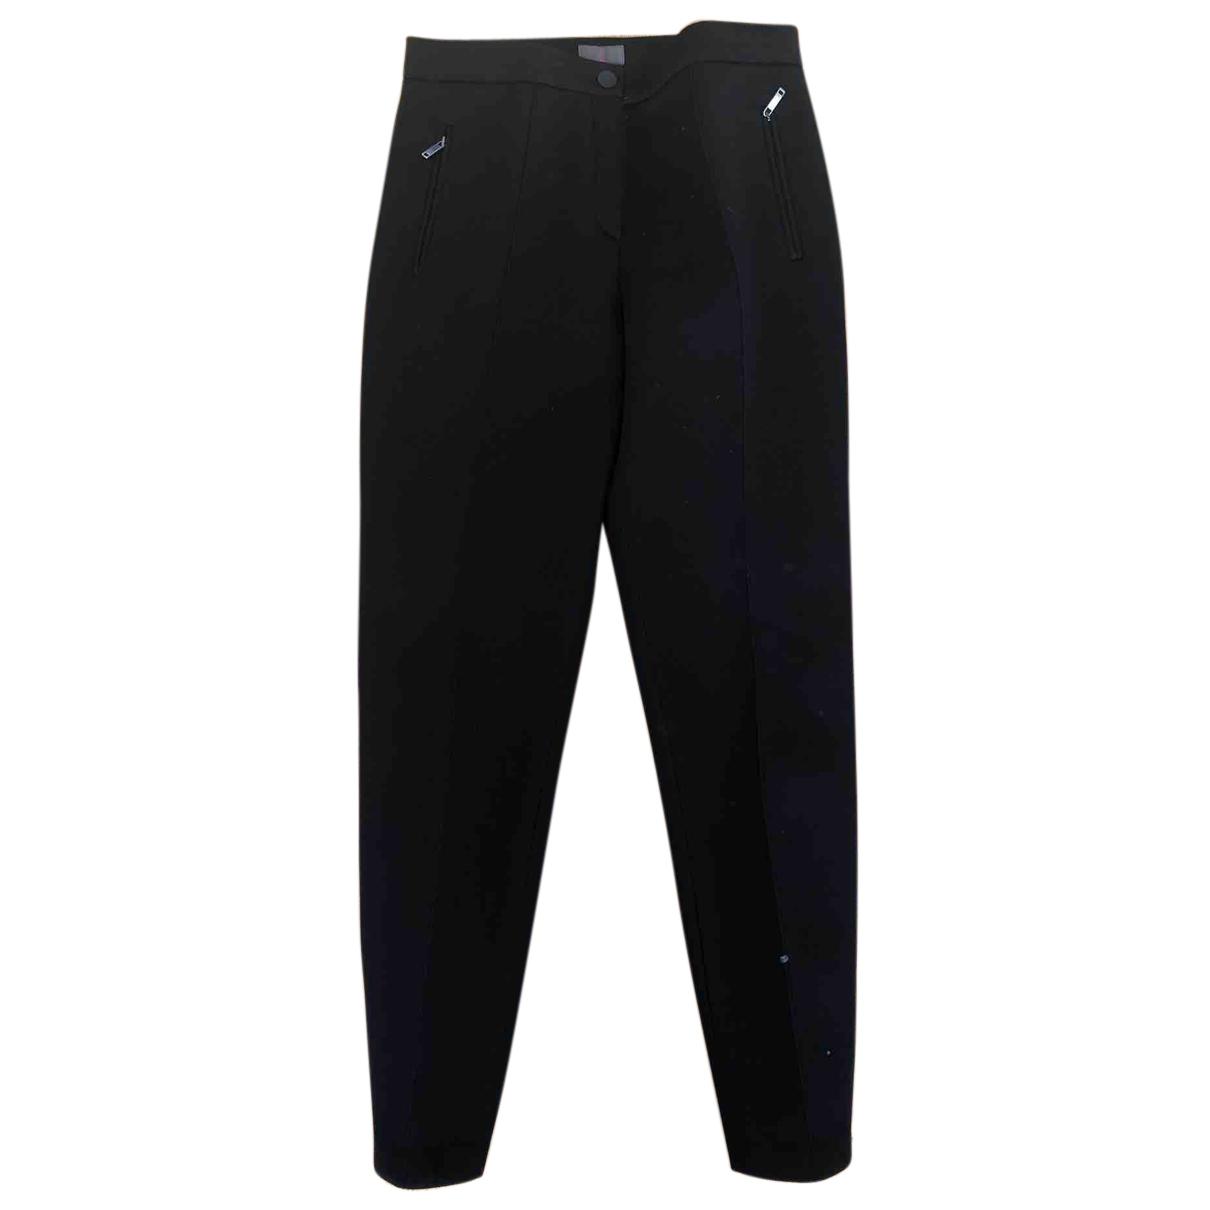 - Pantalon   pour femme - noir